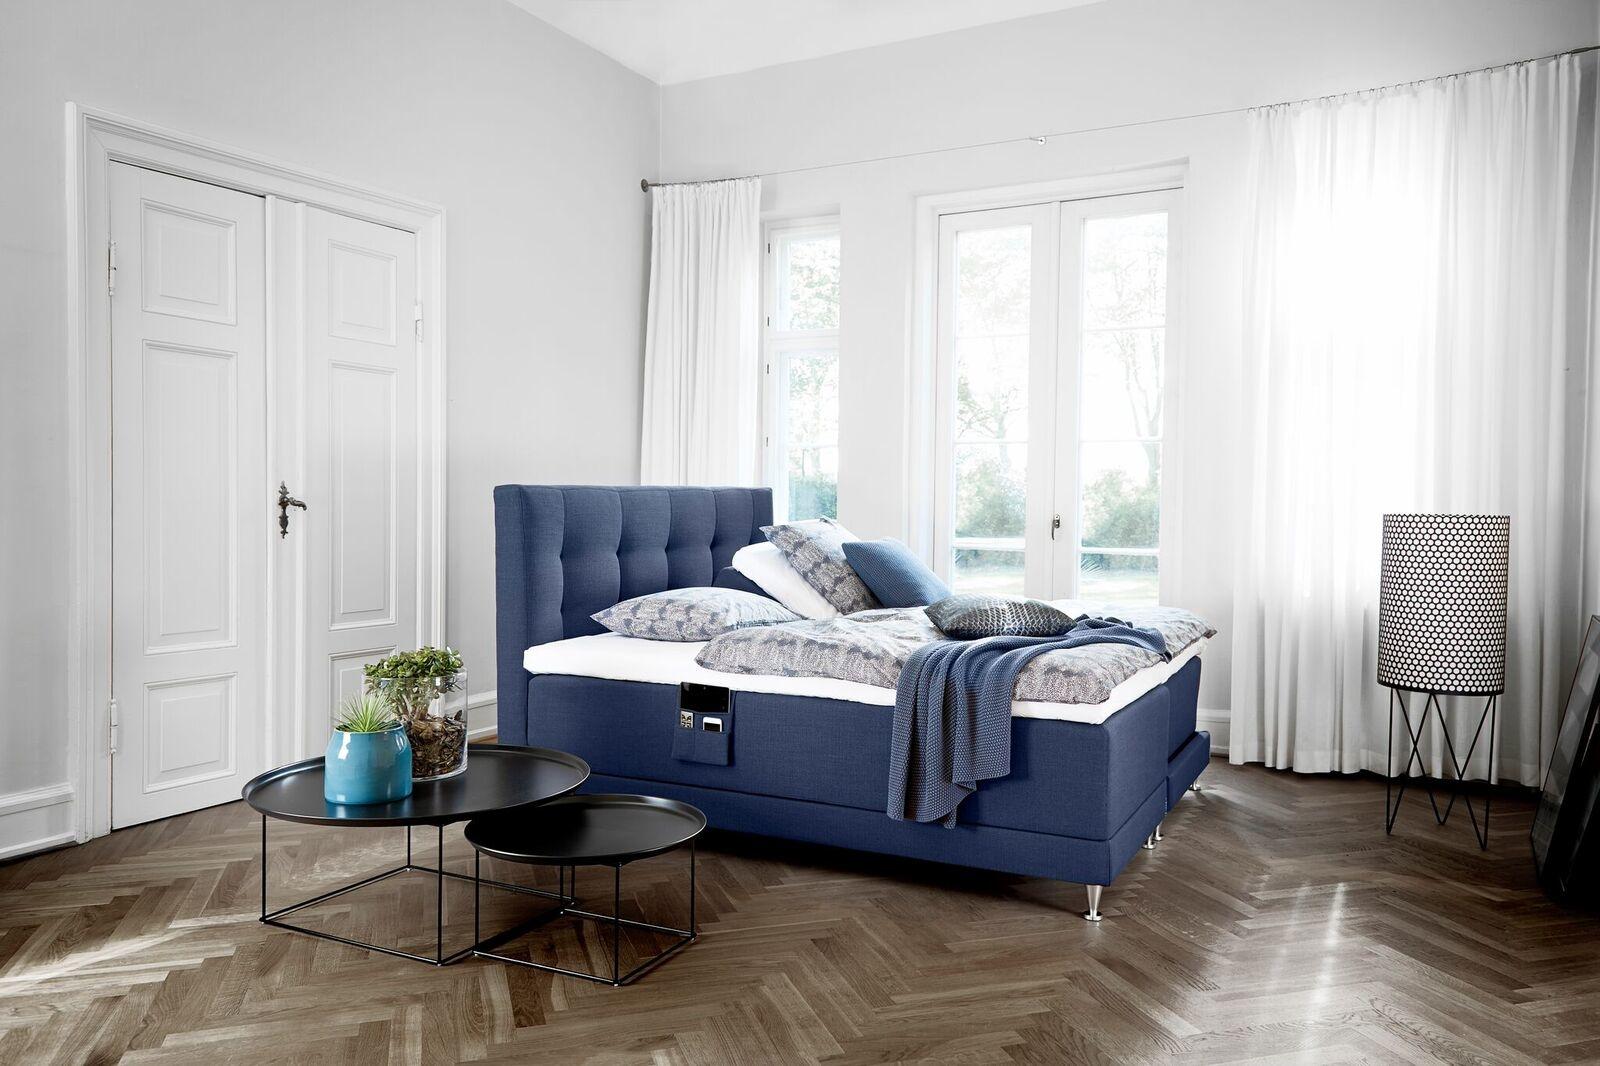 Stort udvalg af senge - Find din nye seng hos Danbo Møbler